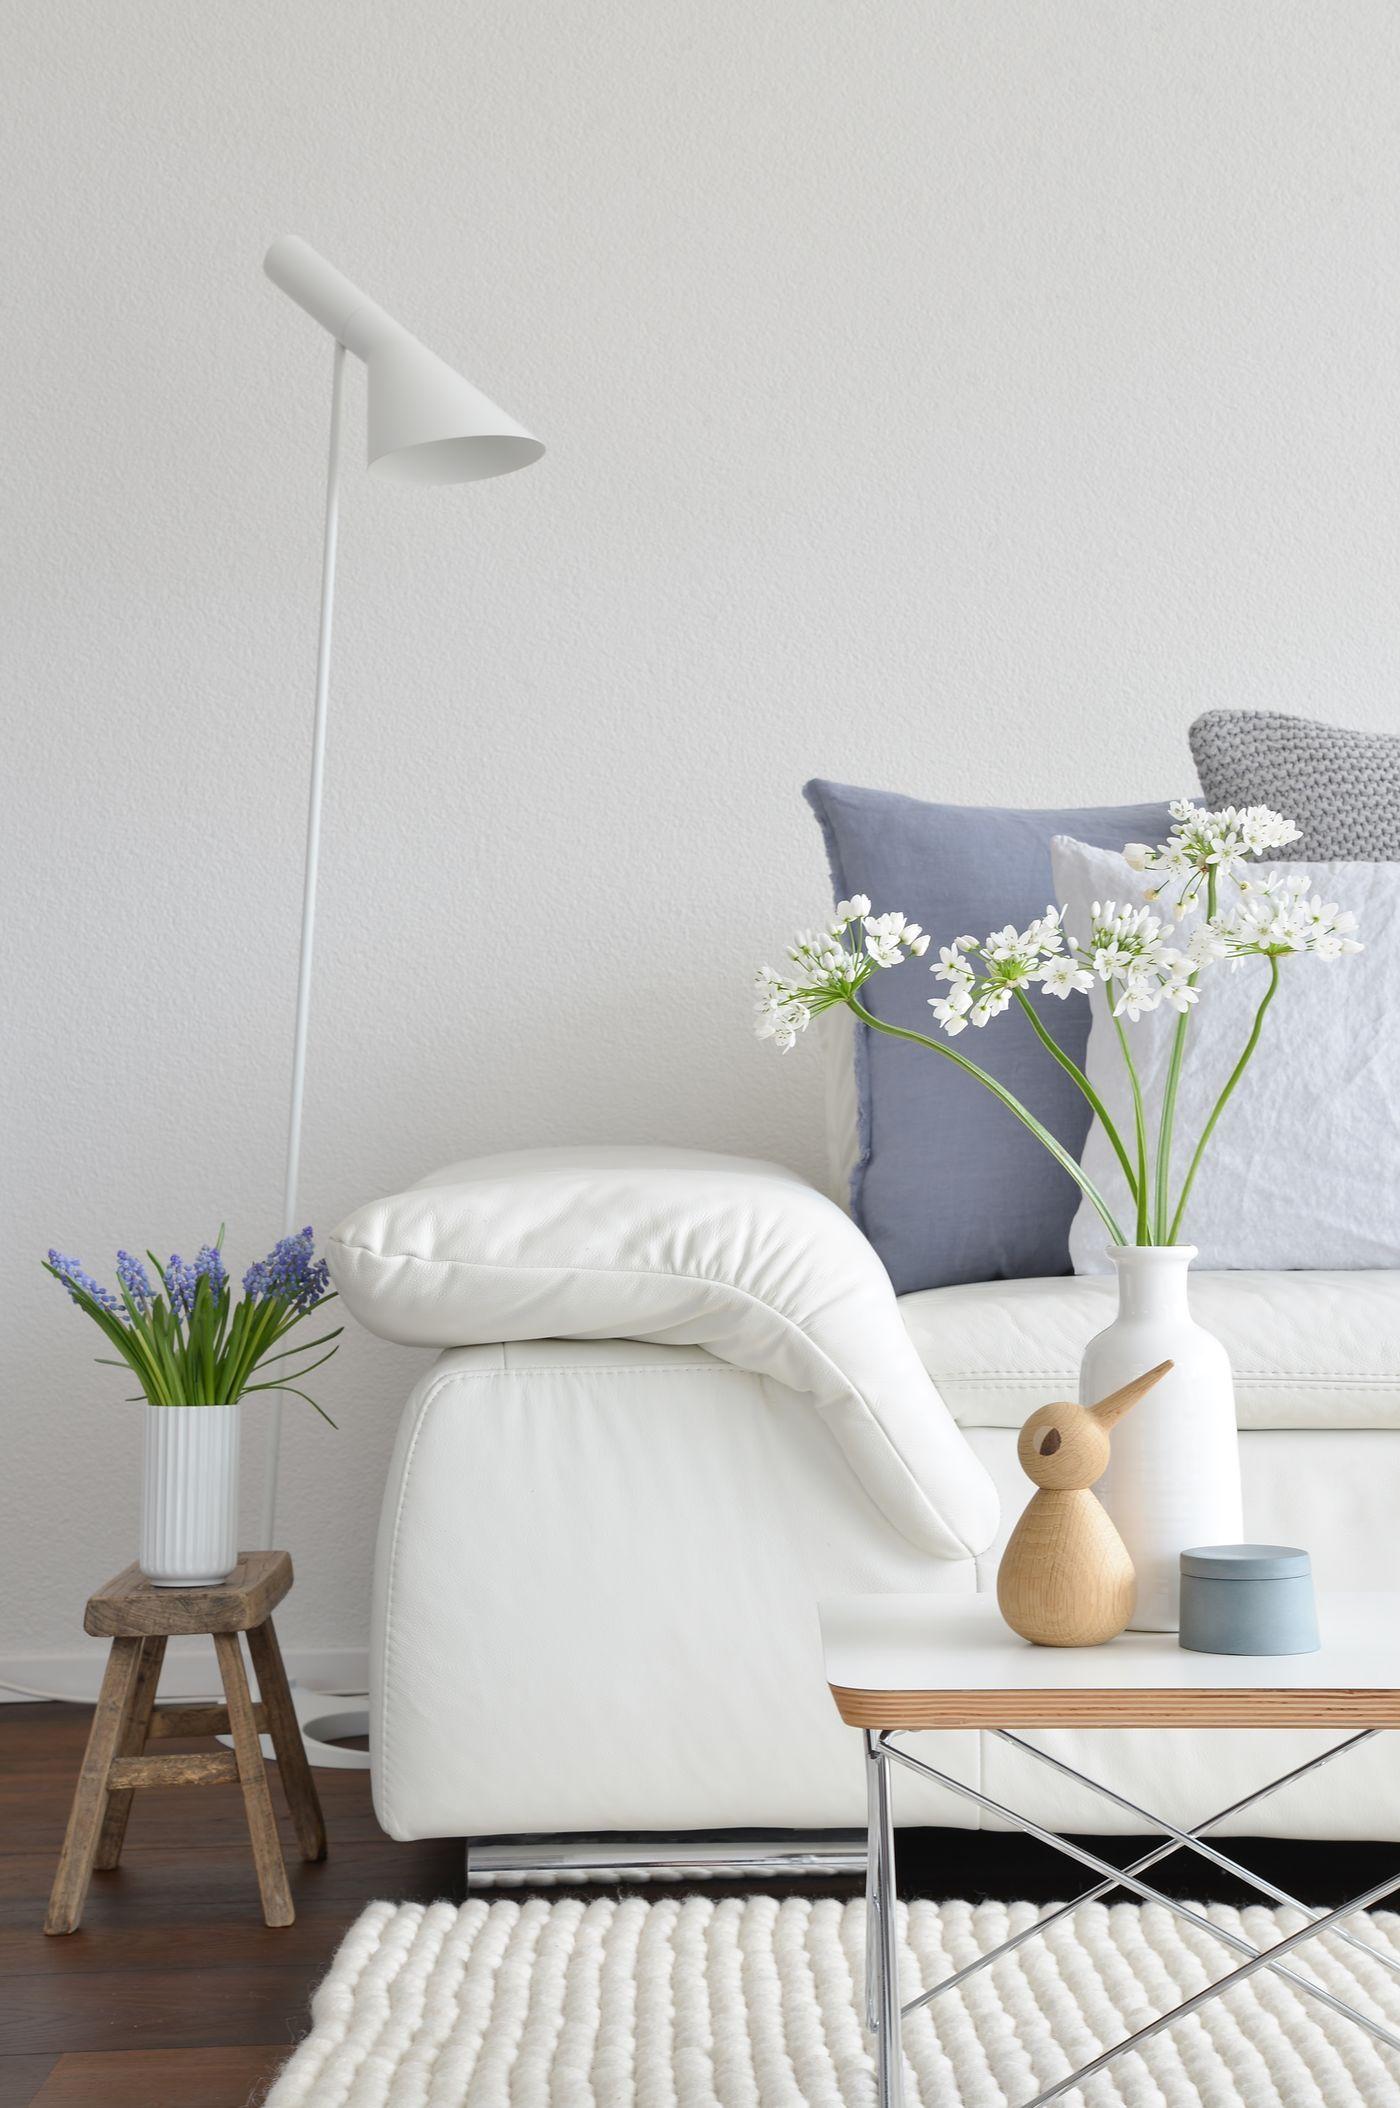 9 Genial Bild Von Deko Für Tisch Wohnzimmer in 2020   Schöne wohnzimmer, Dekoration wohnzimmer ...